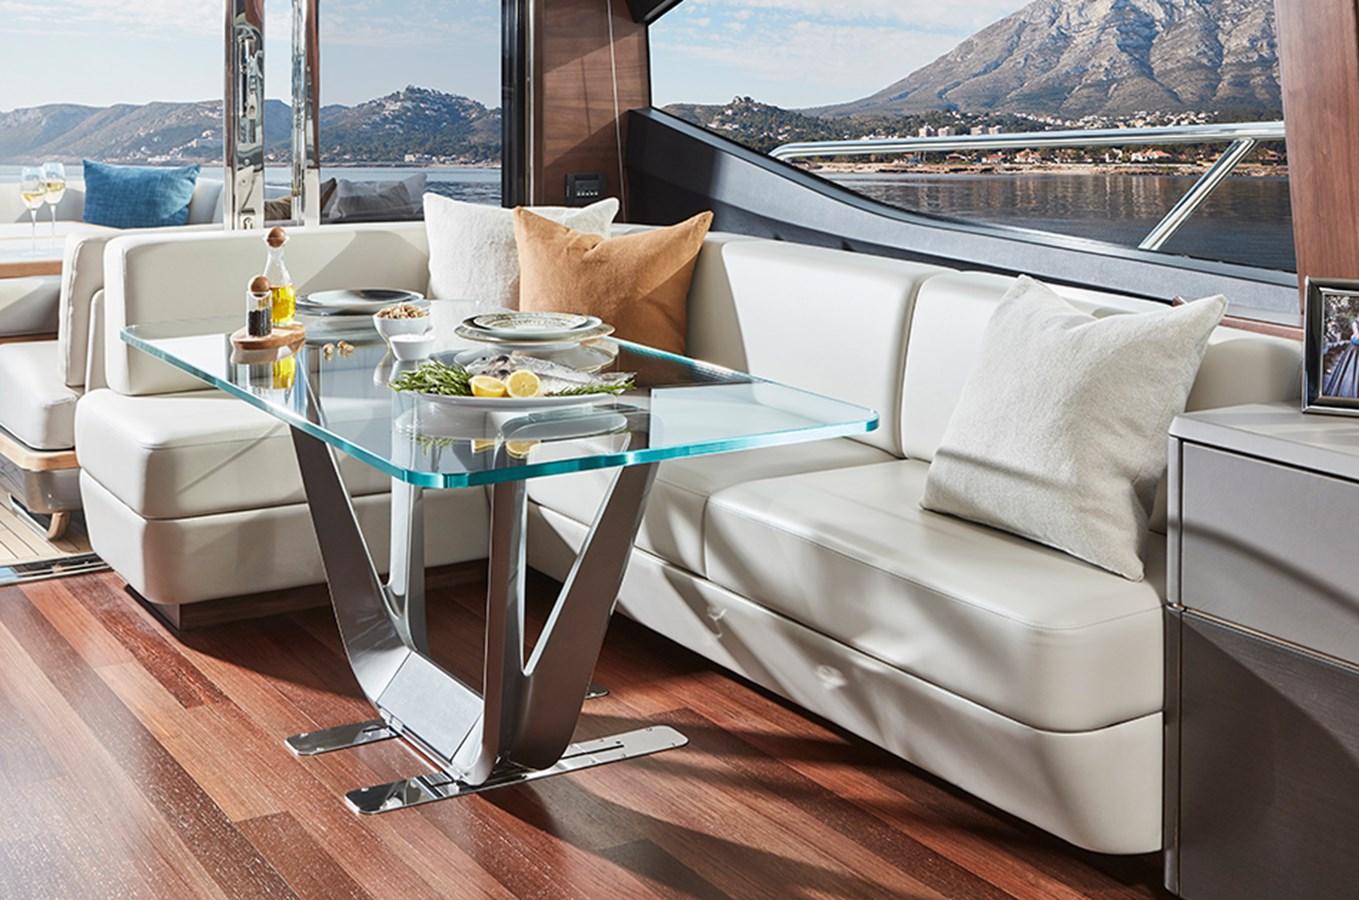 Princess S78 Sportbridge Available - 78 PRINCESS YACHTS For Sale